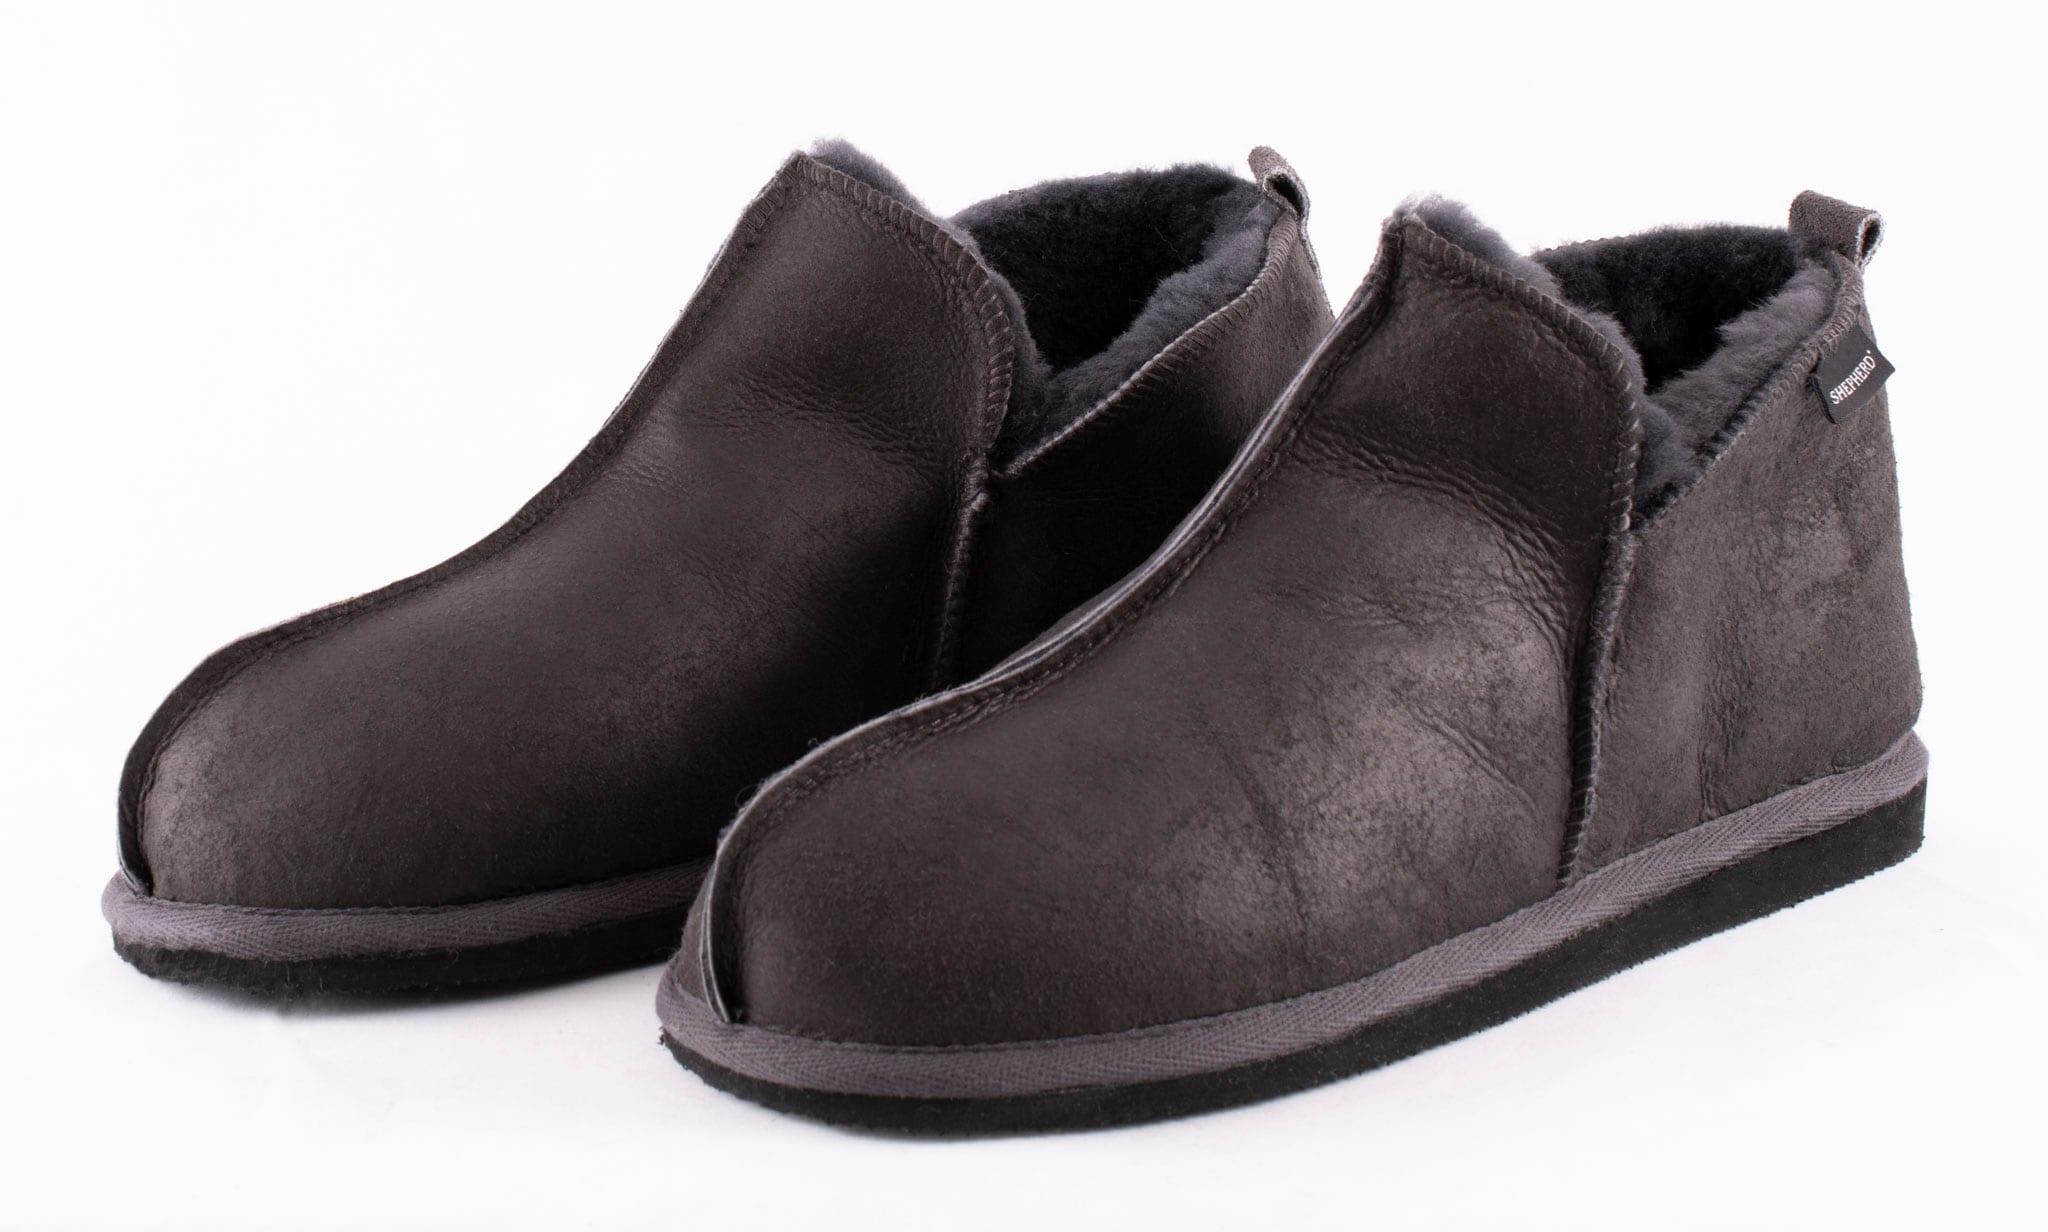 Anton slippers